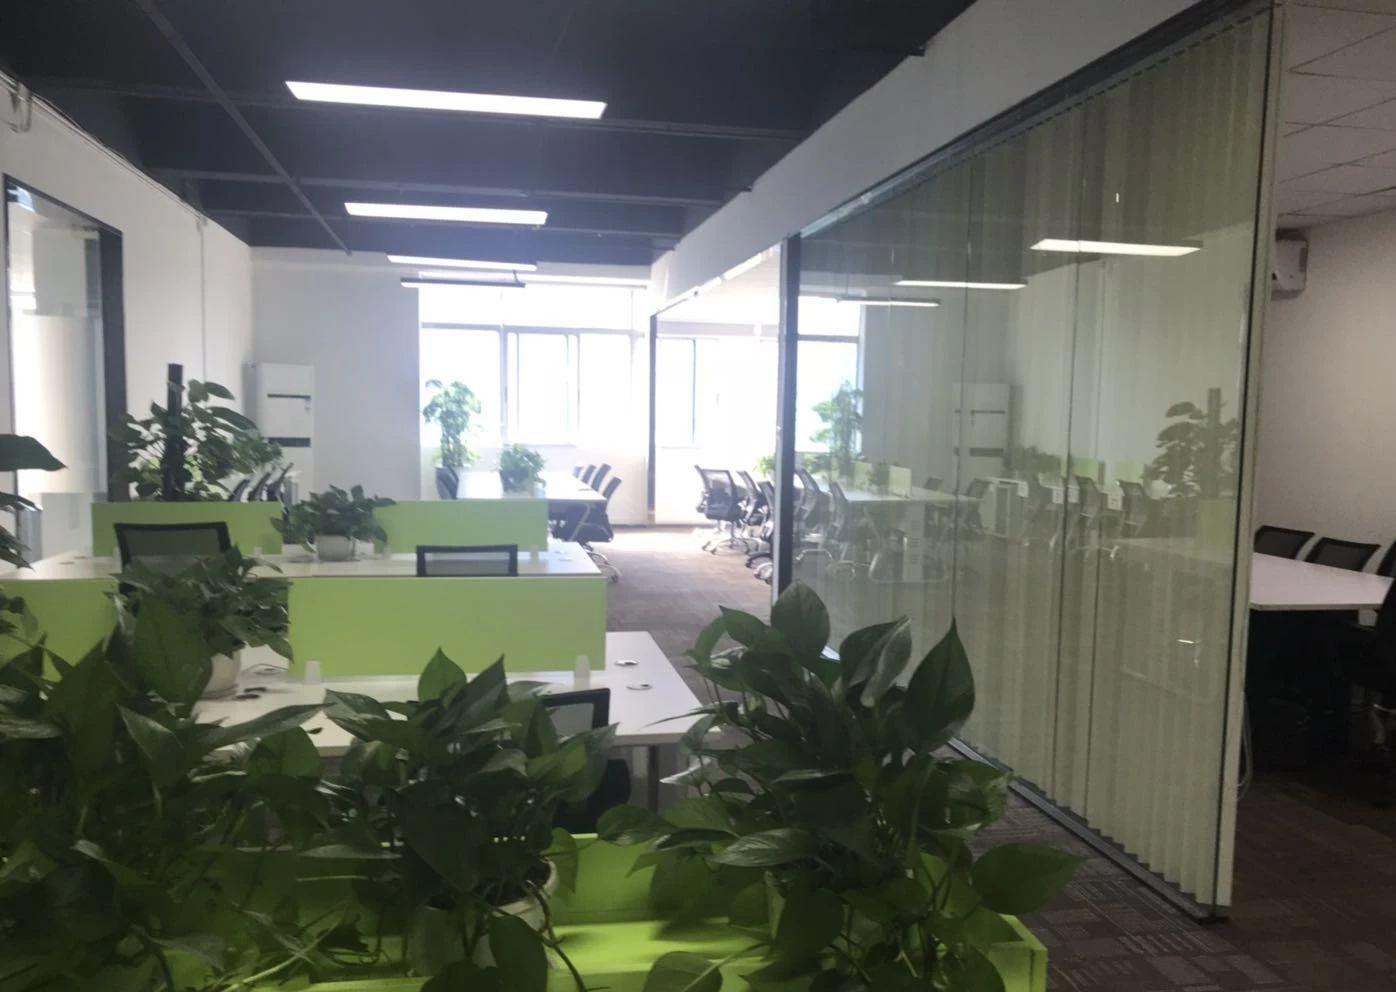 如何完美的搭配办公室装修设计的色彩